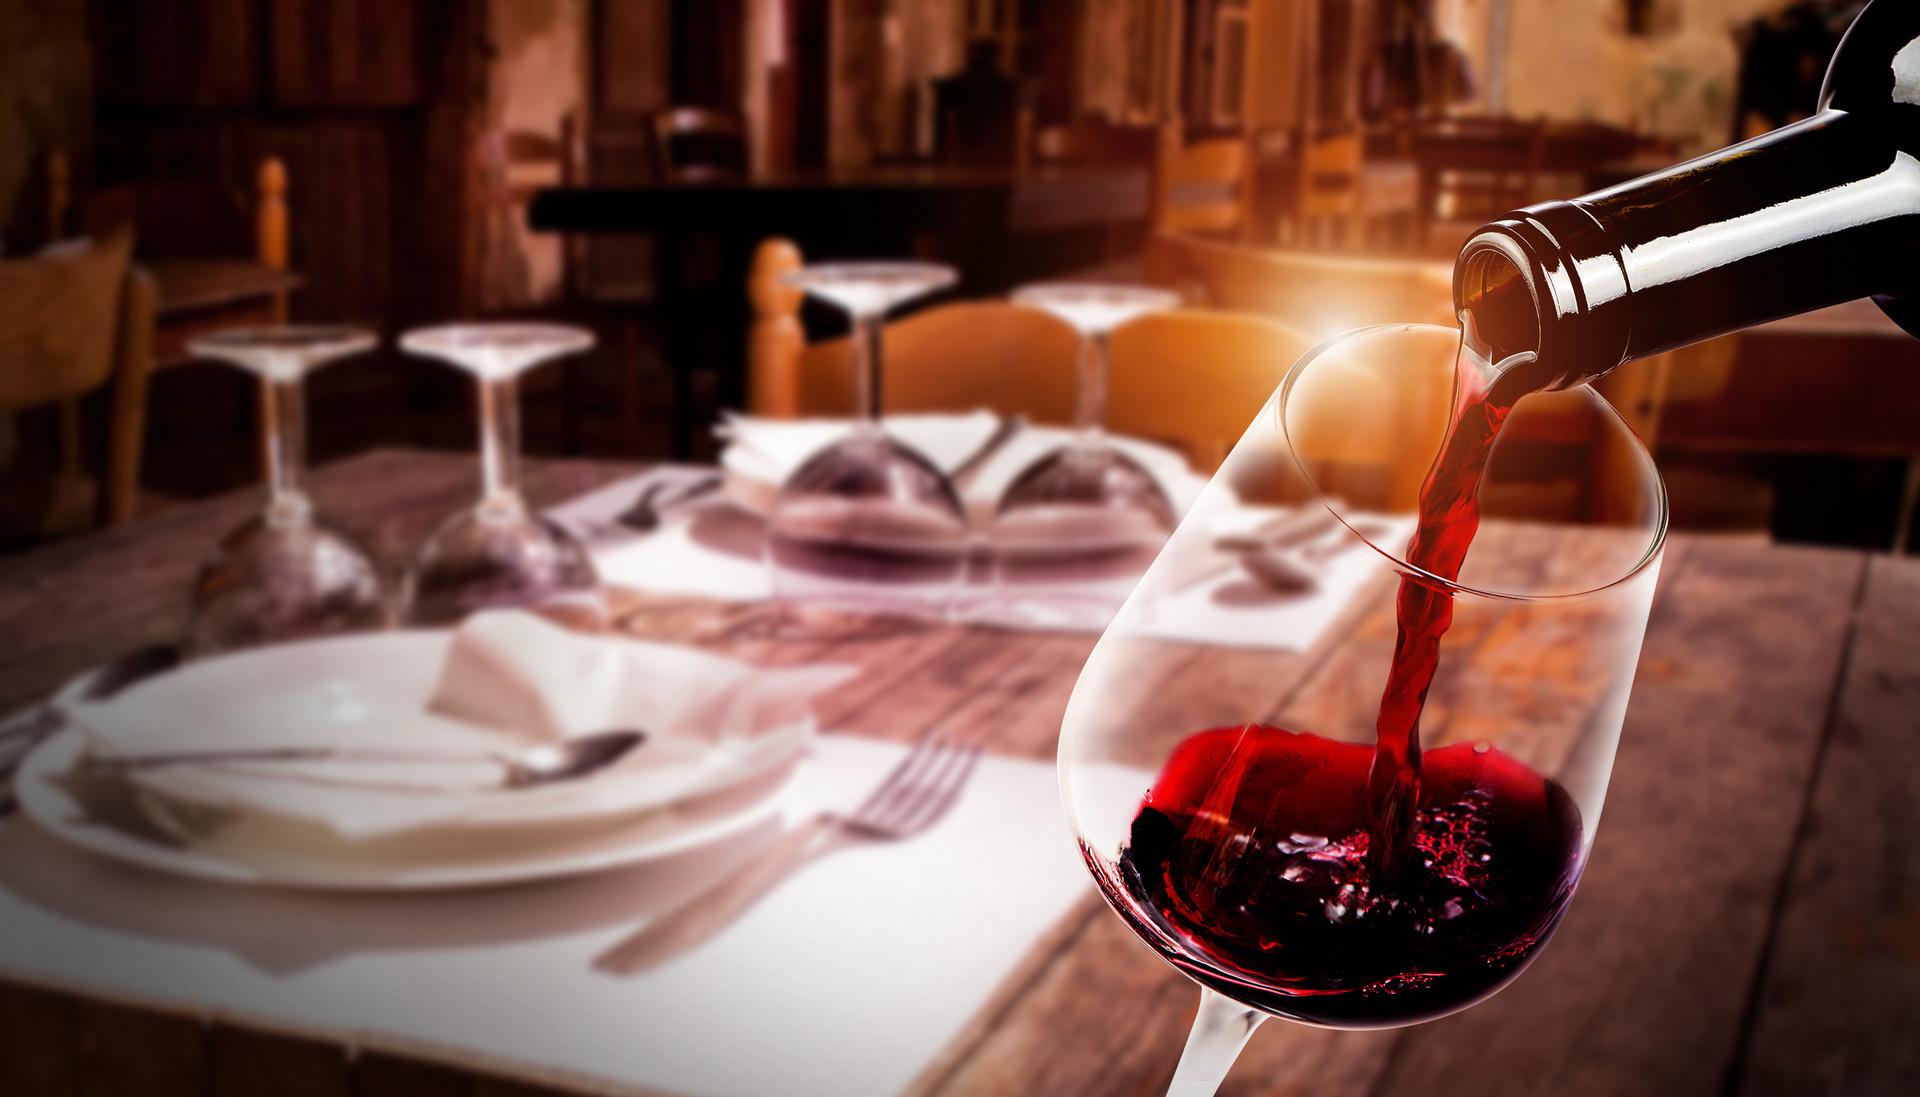 适量饮酒保护心血管无科学依据